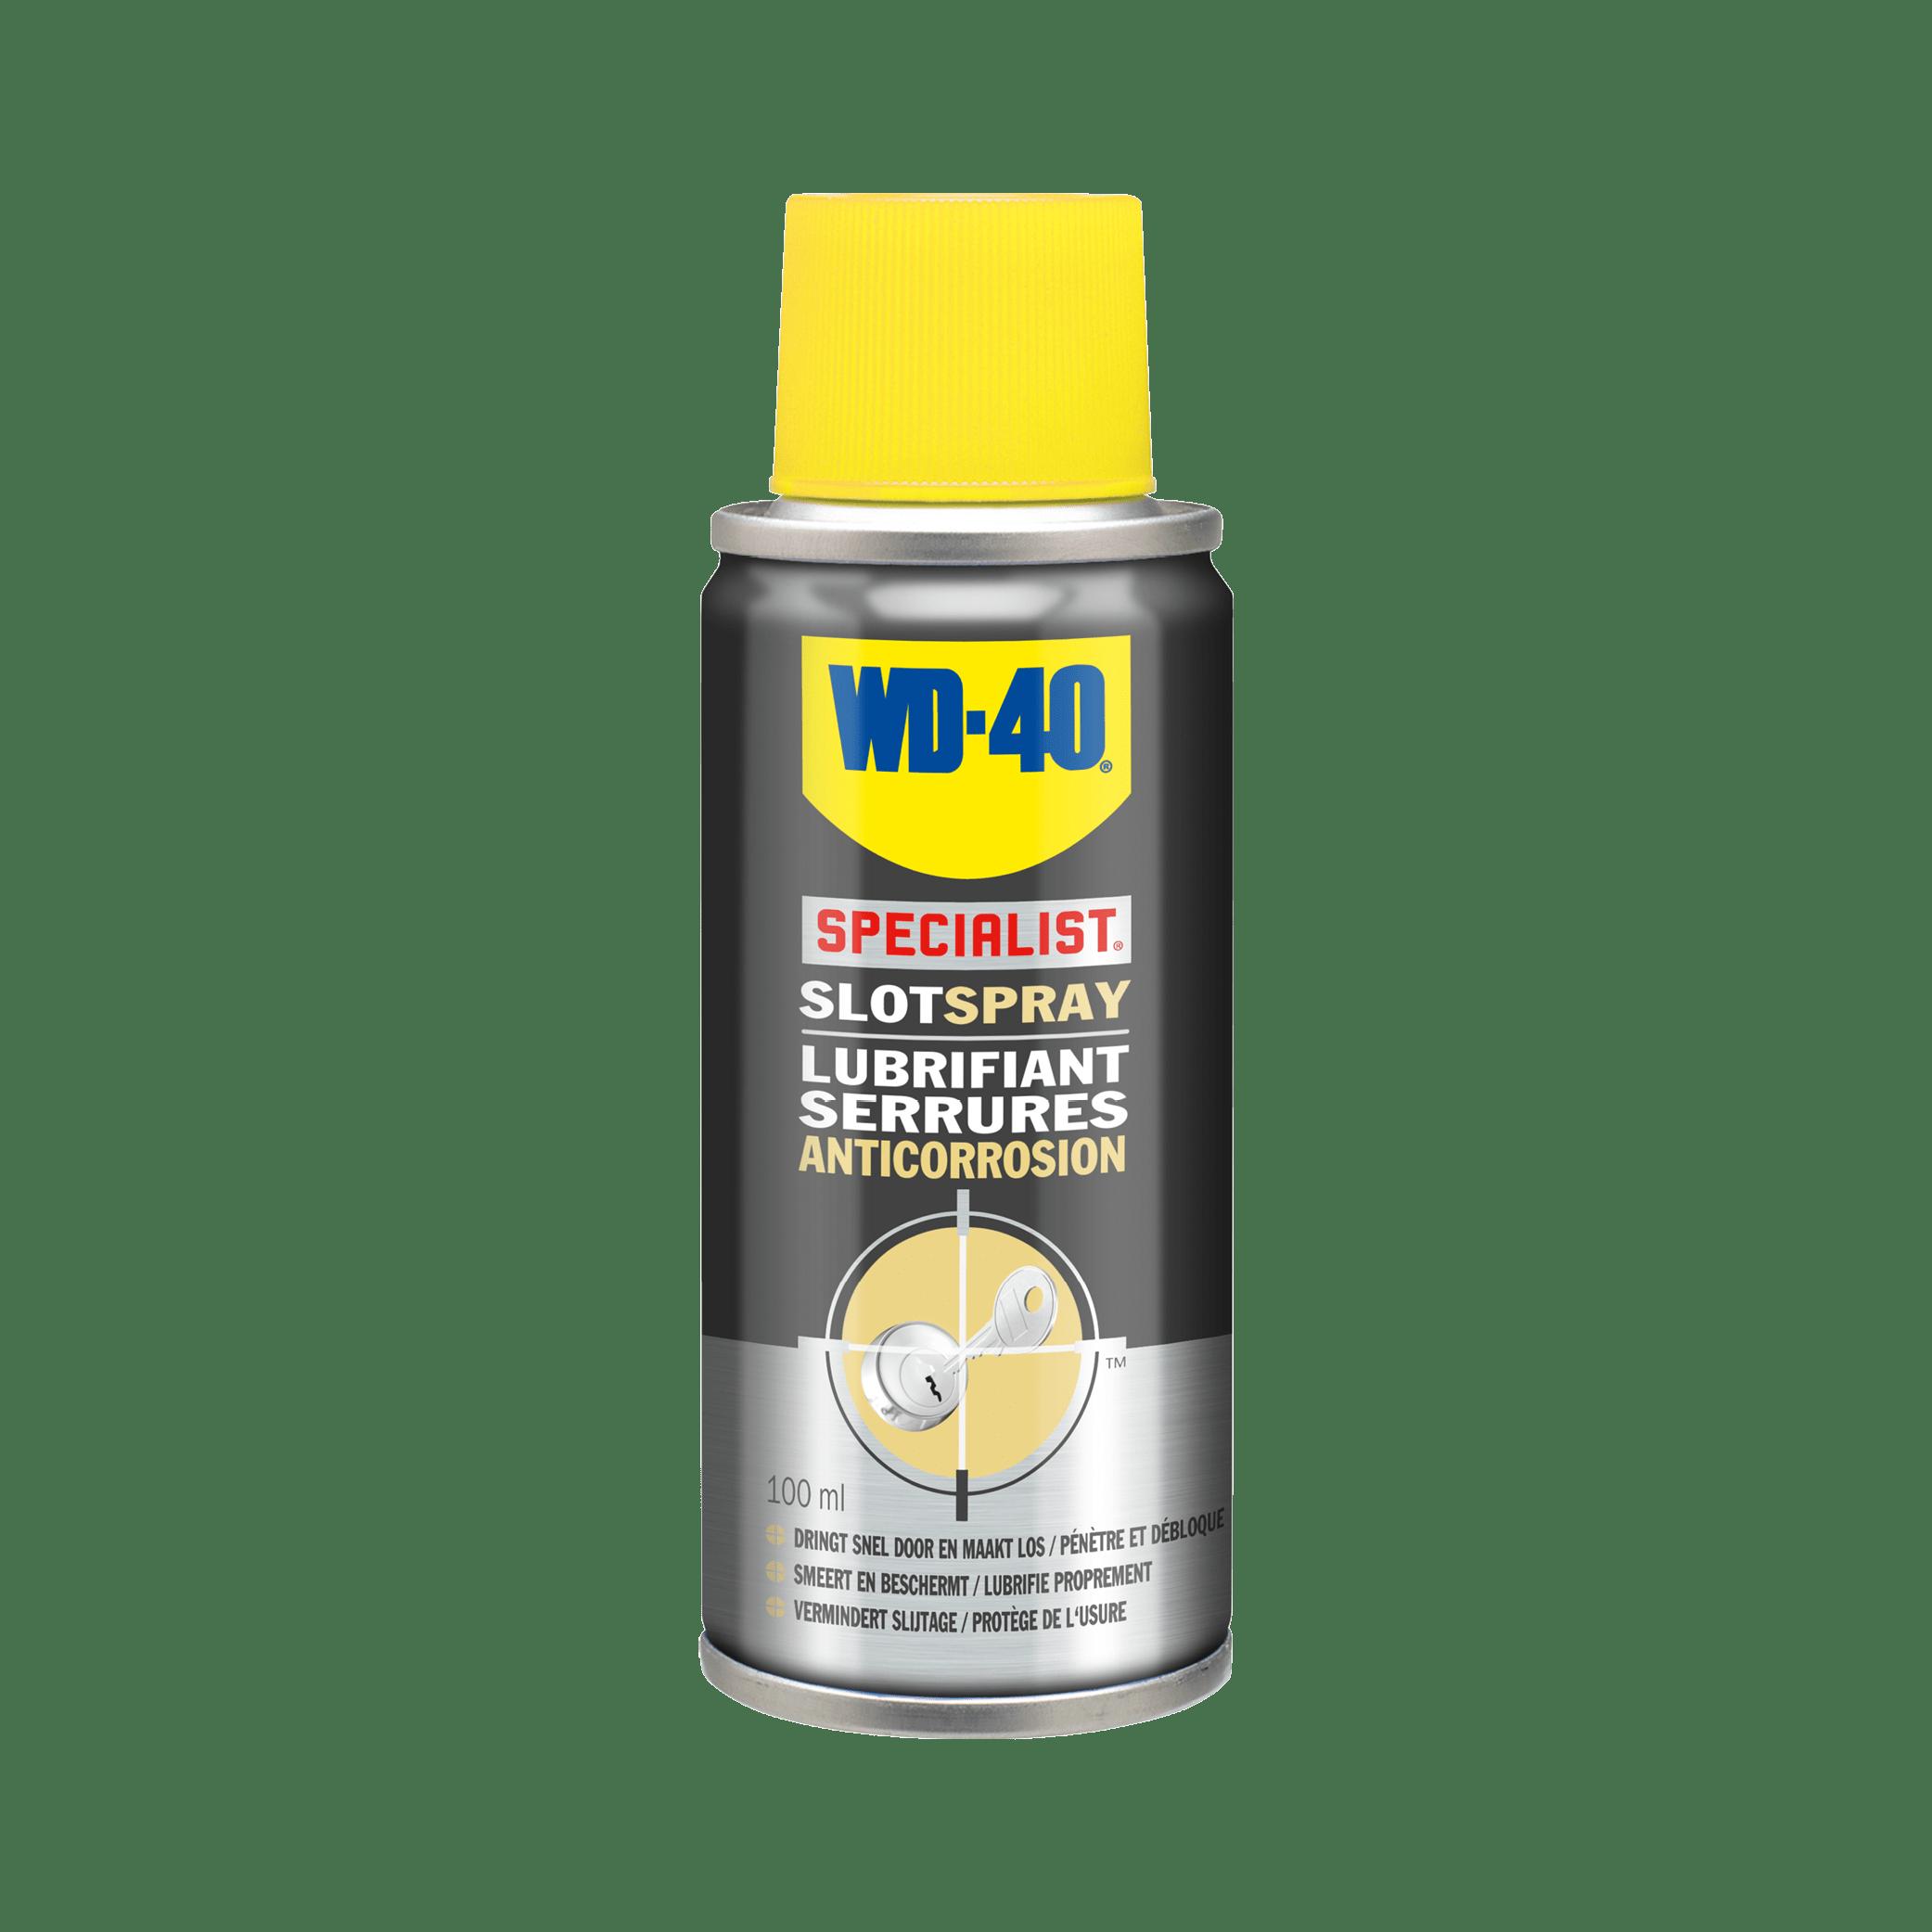 WD-40-Specialist-Slotspray-1000x1000